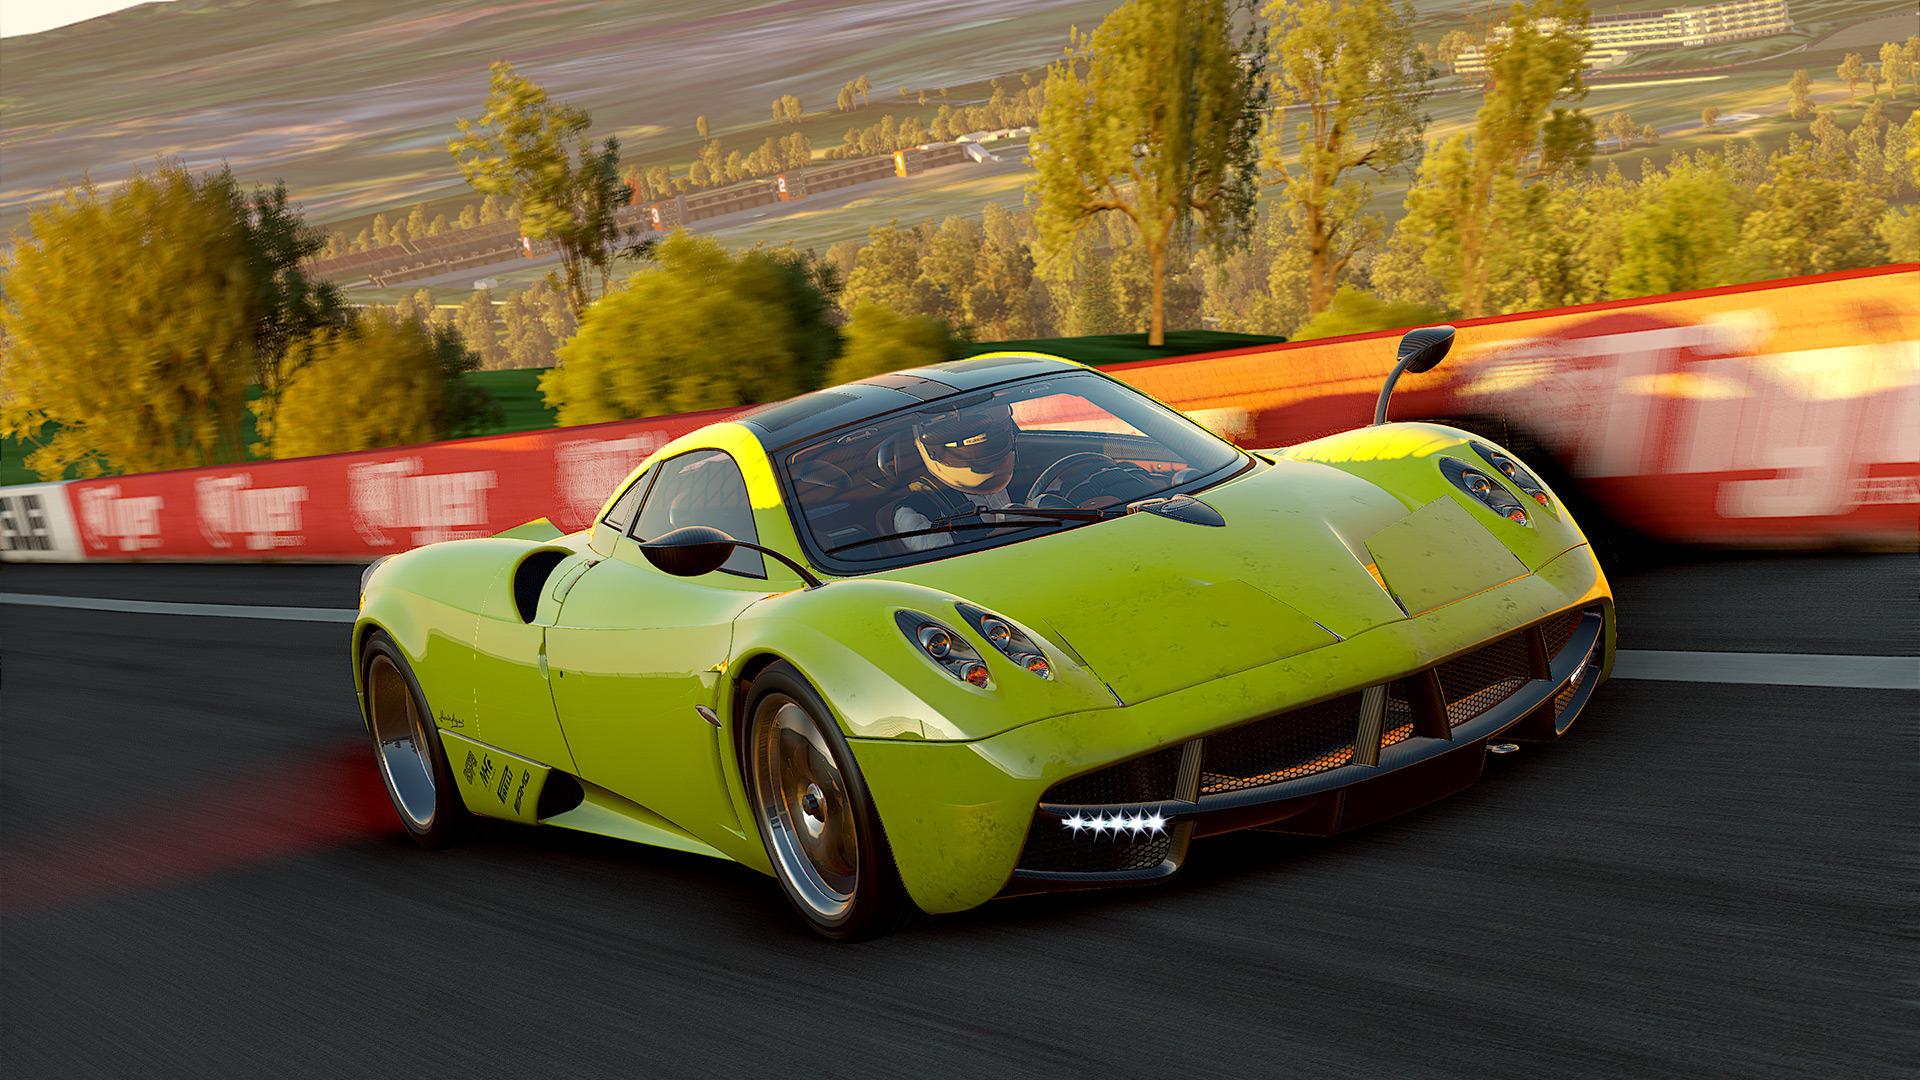 Project CARS: Ismét elhalasztották a szimulátoros játék megjelenését